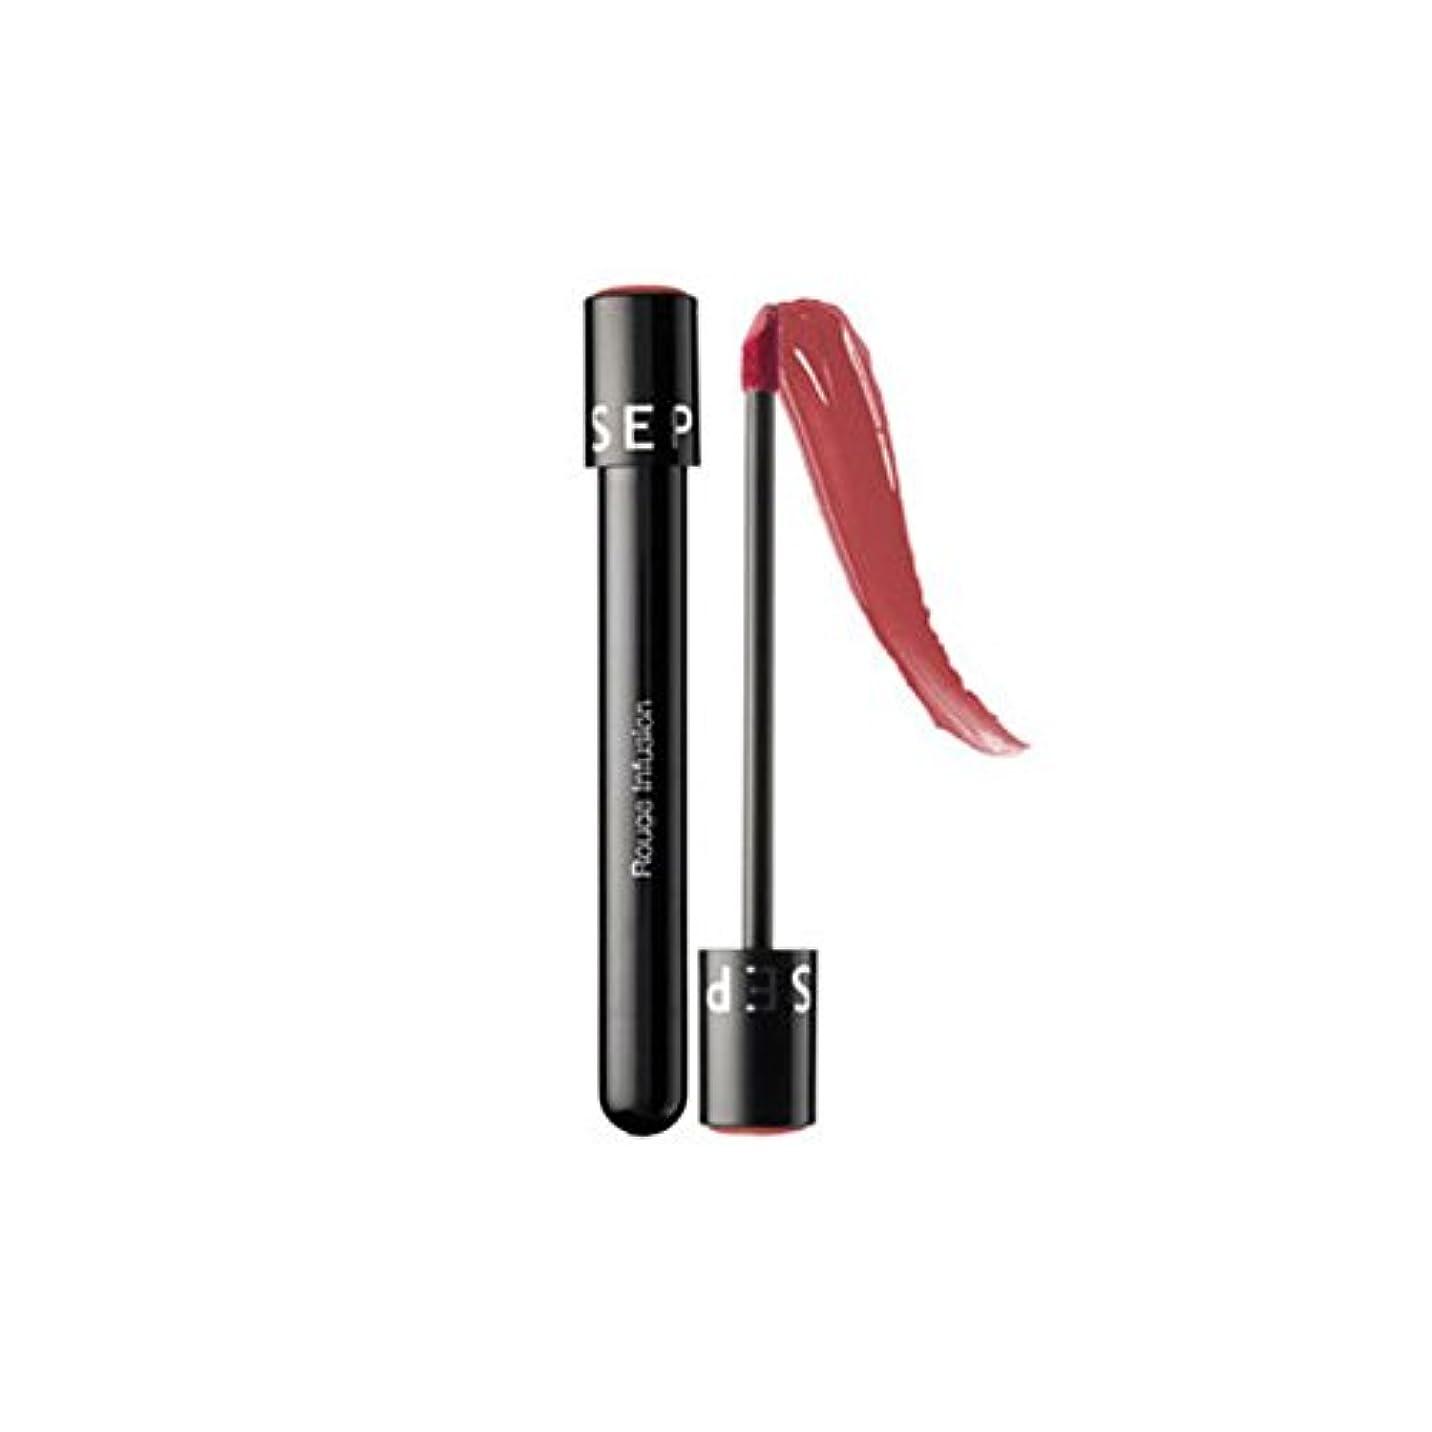 思いやり無臭添付SEPHORA COLLECTION ルージュリップステイン輸液- Rosewood Elixir, Rouge Infusion Lip Stain, 0.152 oz / 4.3g [並行輸入品] [海外直送品]